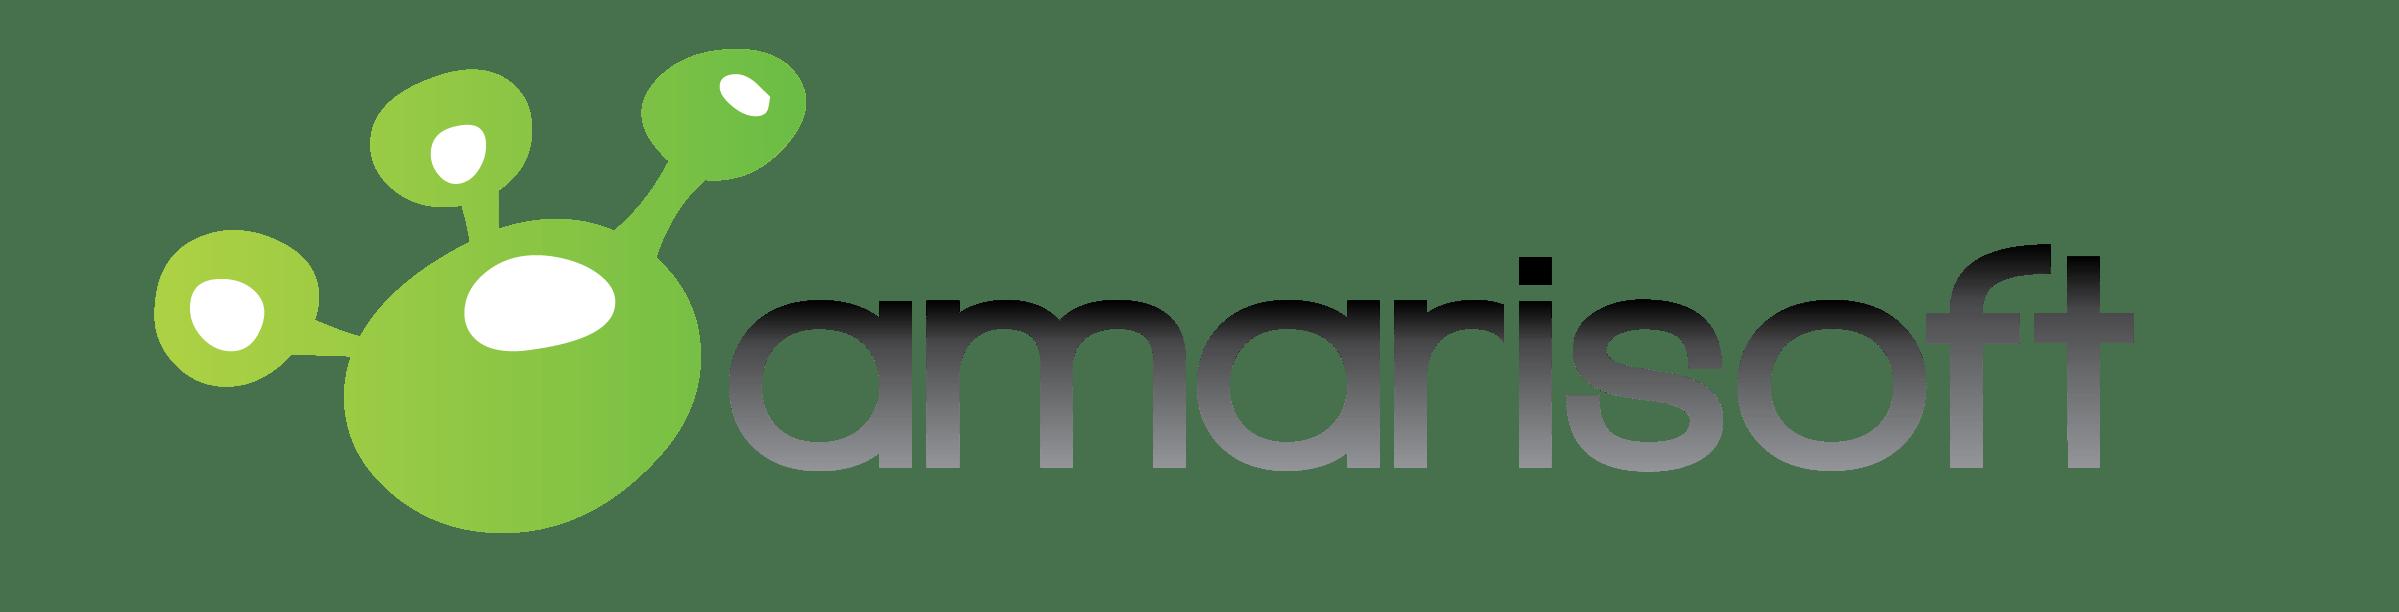 Amarisoft logo